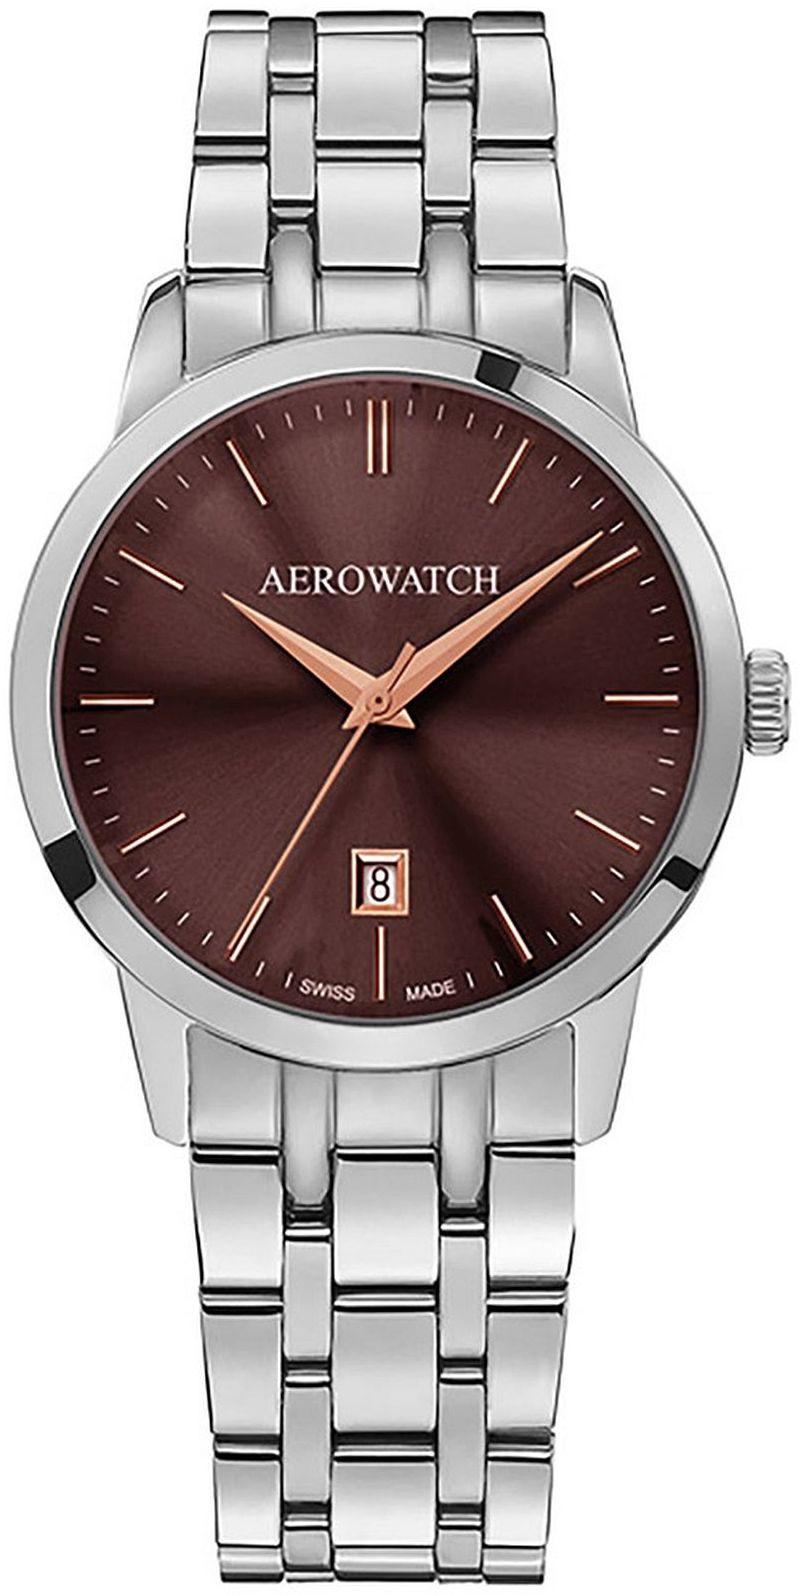 Aerowatch 42972-AA09-M > Wysyłka tego samego dnia Grawer 0zł Darmowa dostawa Kurierem/Inpost Darmowy zwrot przez 100 DNI